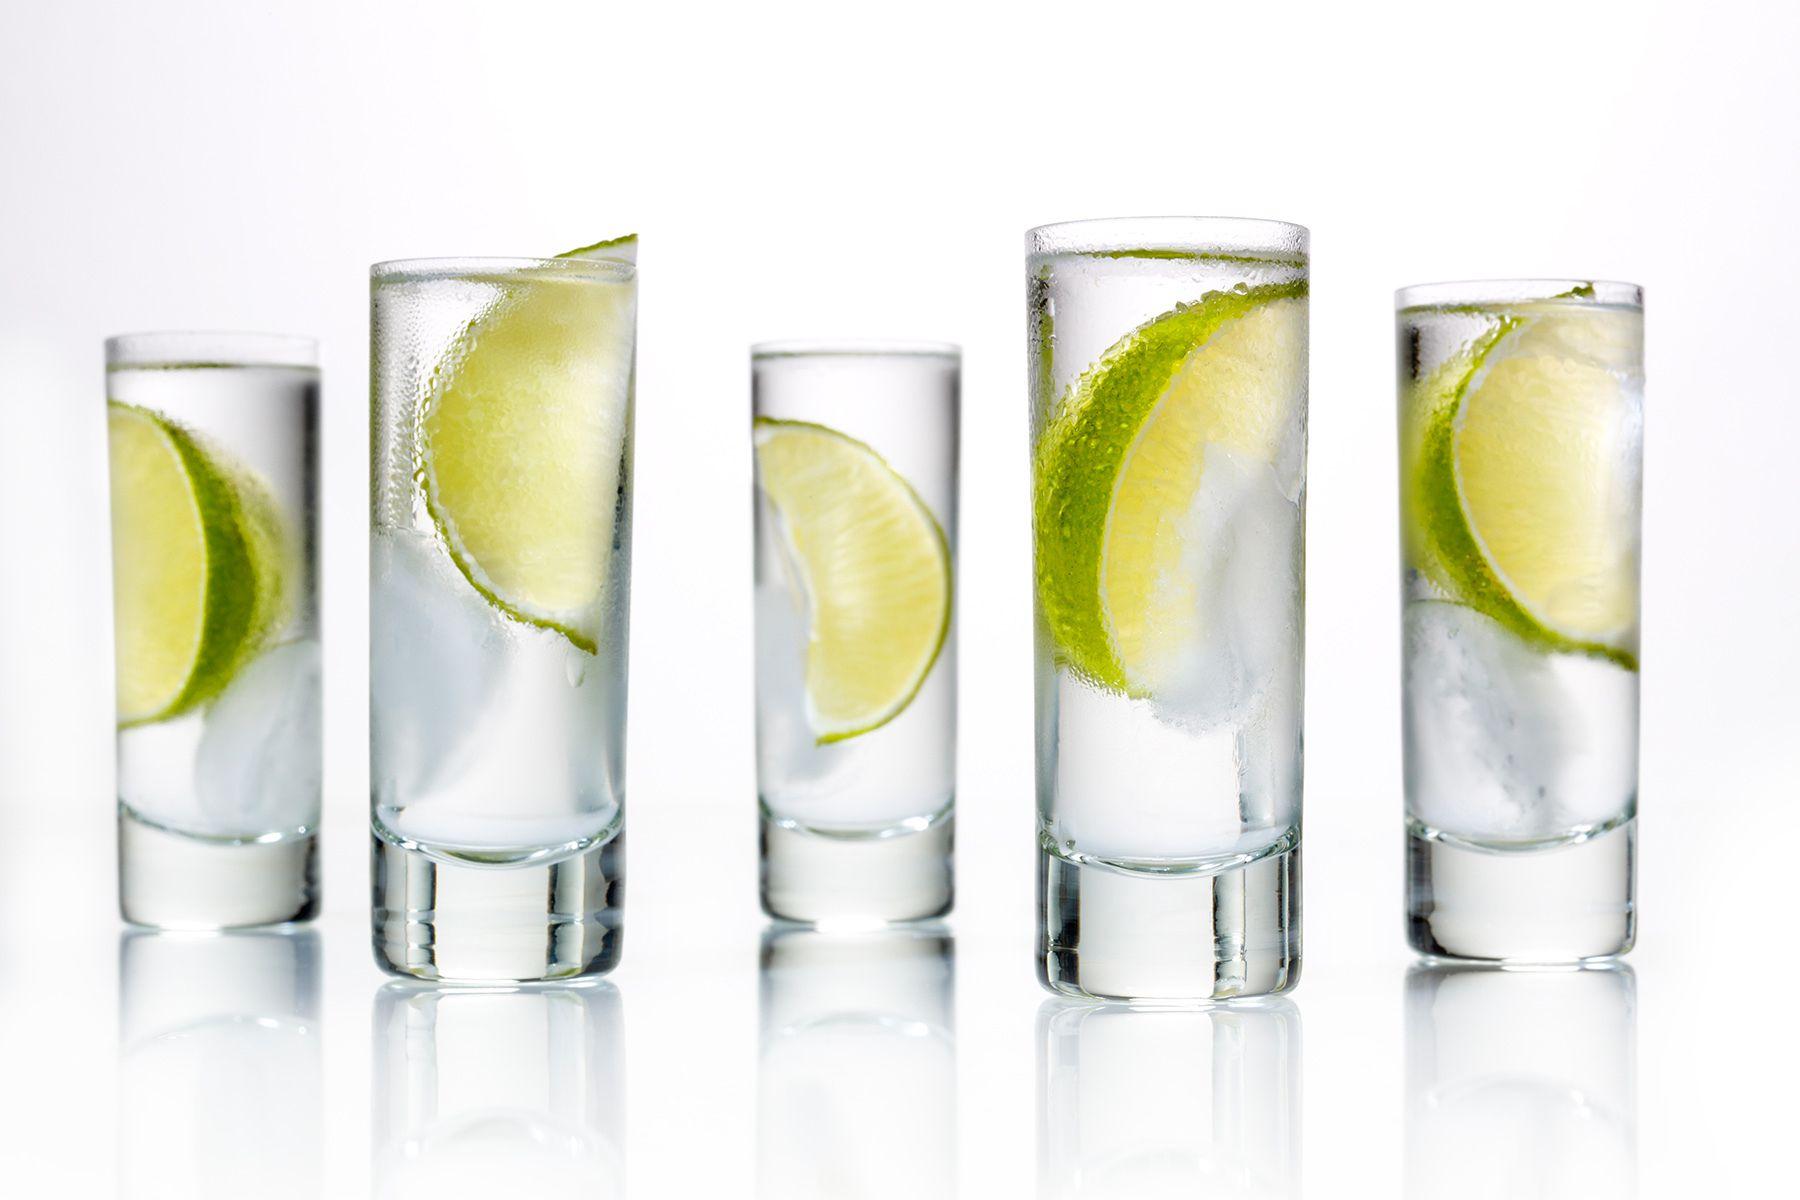 1r130919_tequila_samples_027_2.jpg